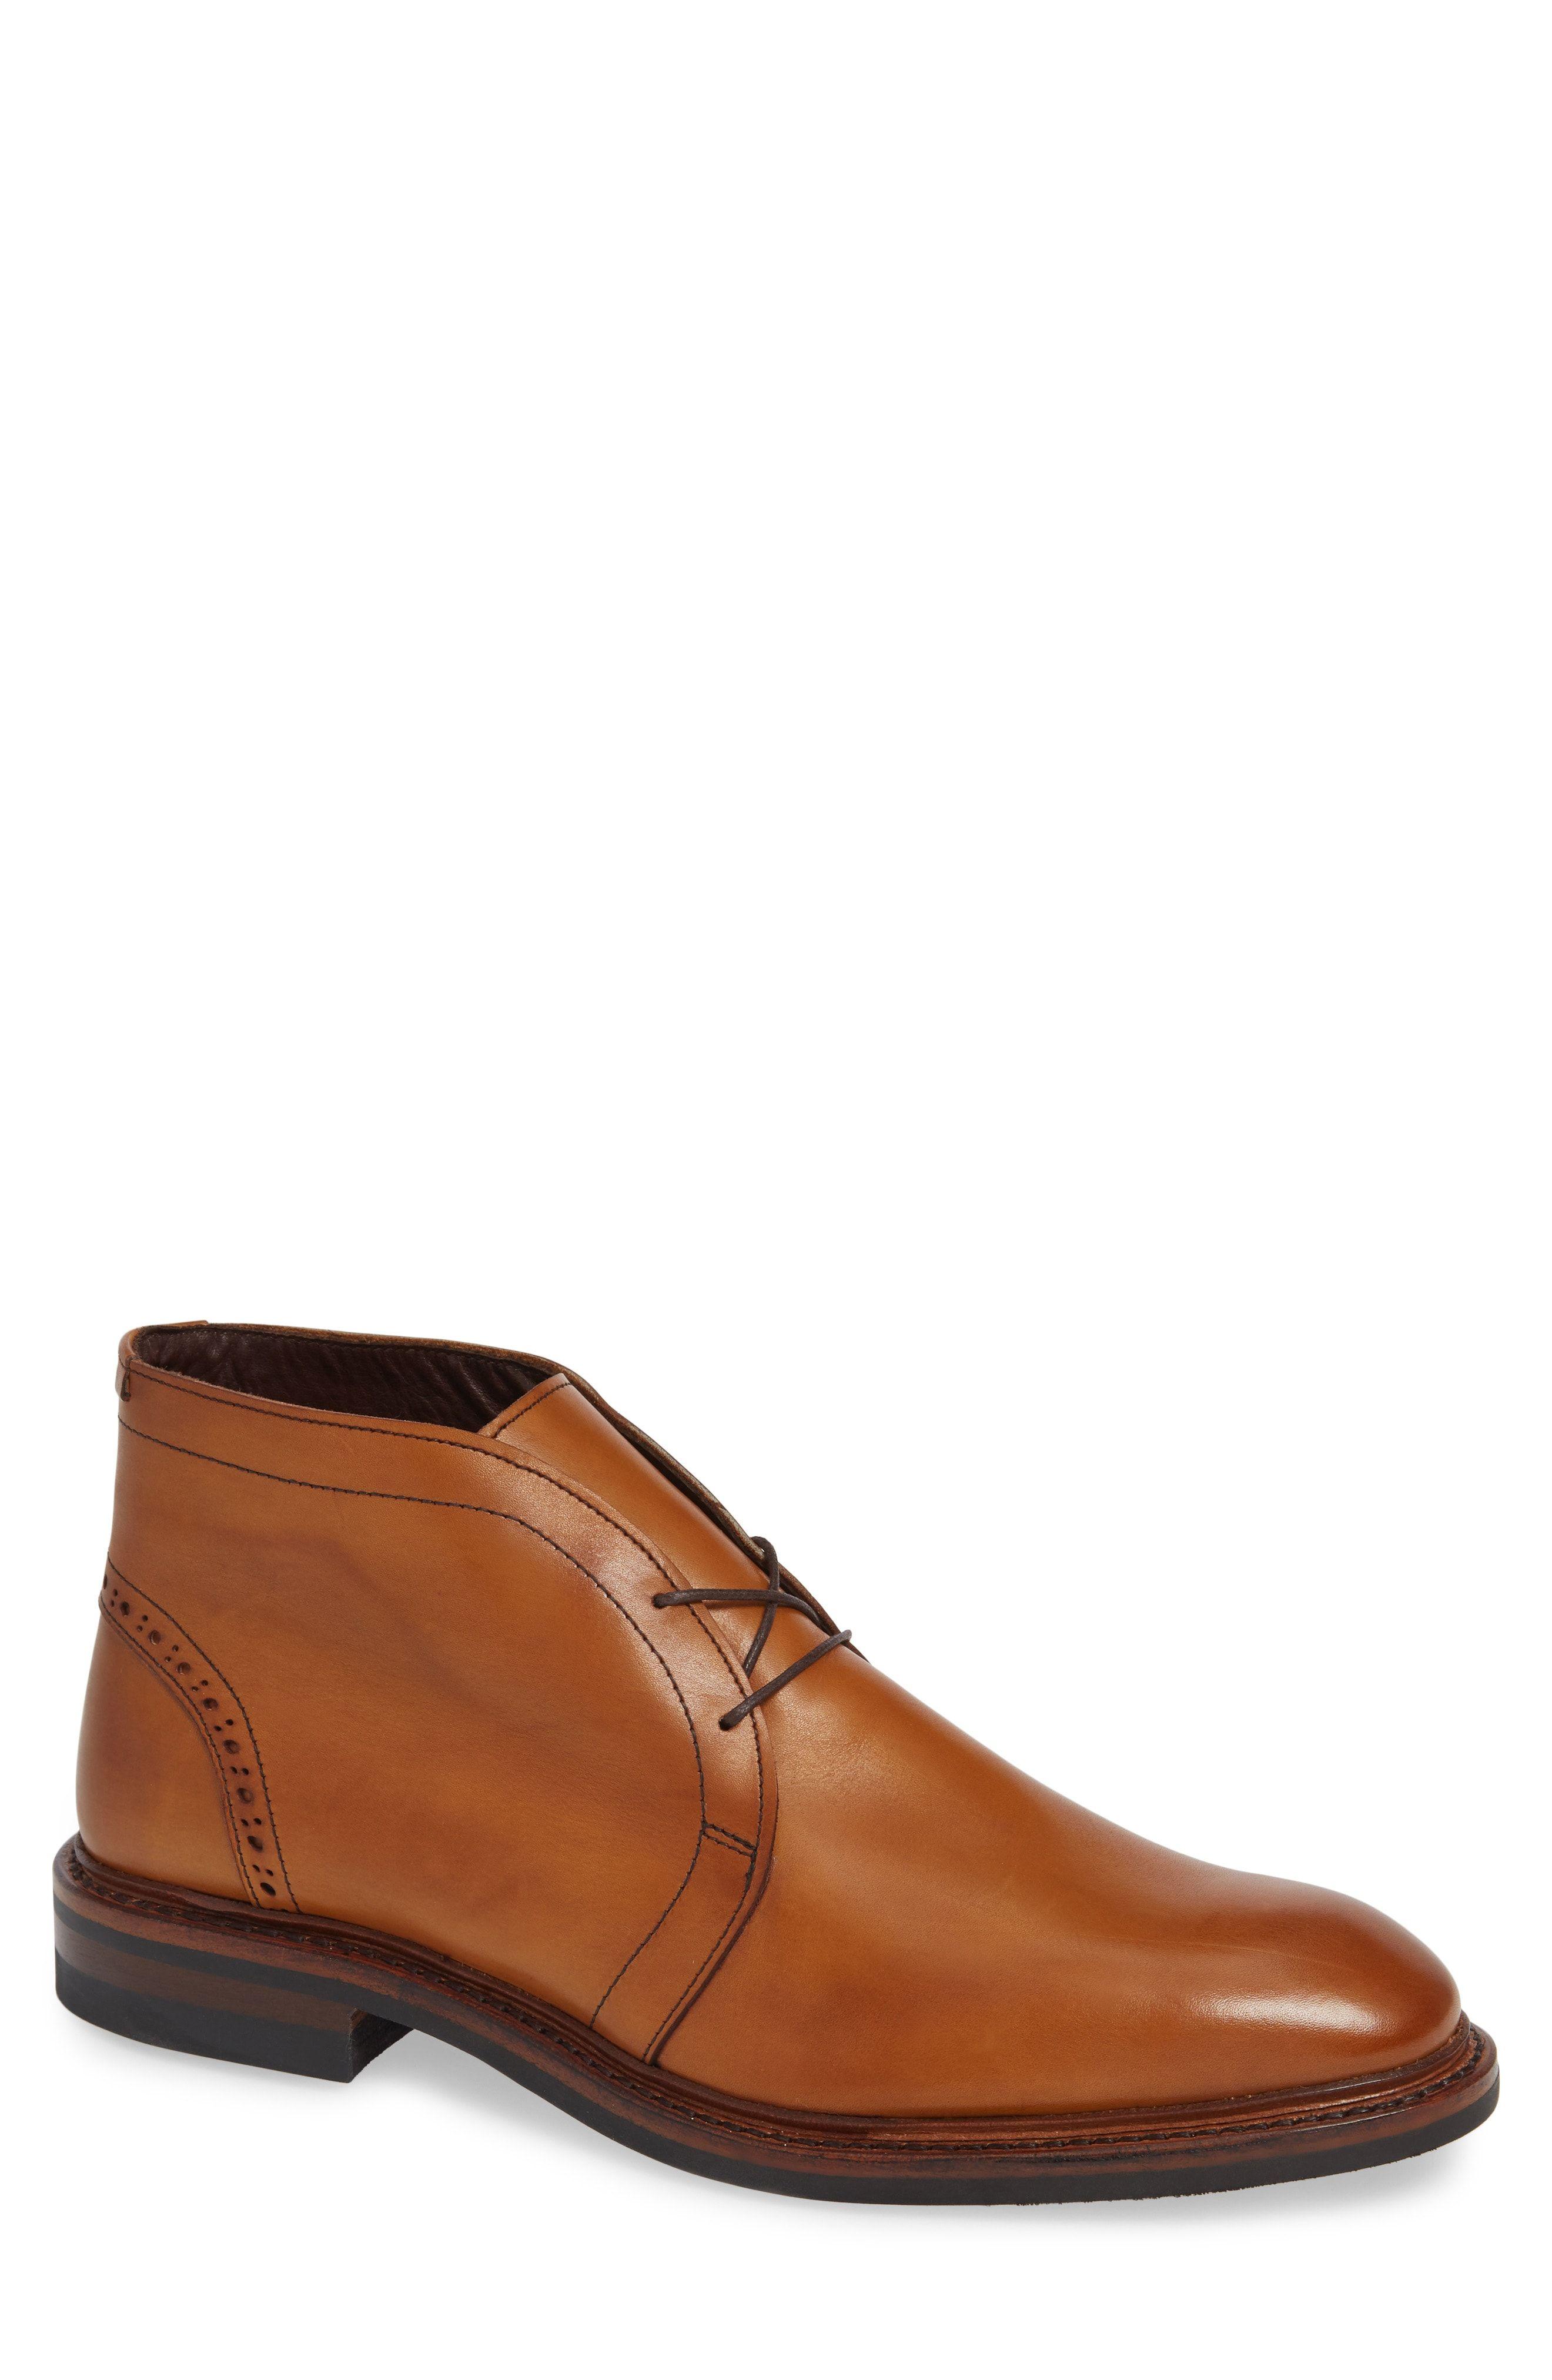 fe2790c9037 ALLEN EDMONDS RENTON CHUKKA BOOT.  allenedmonds  shoes